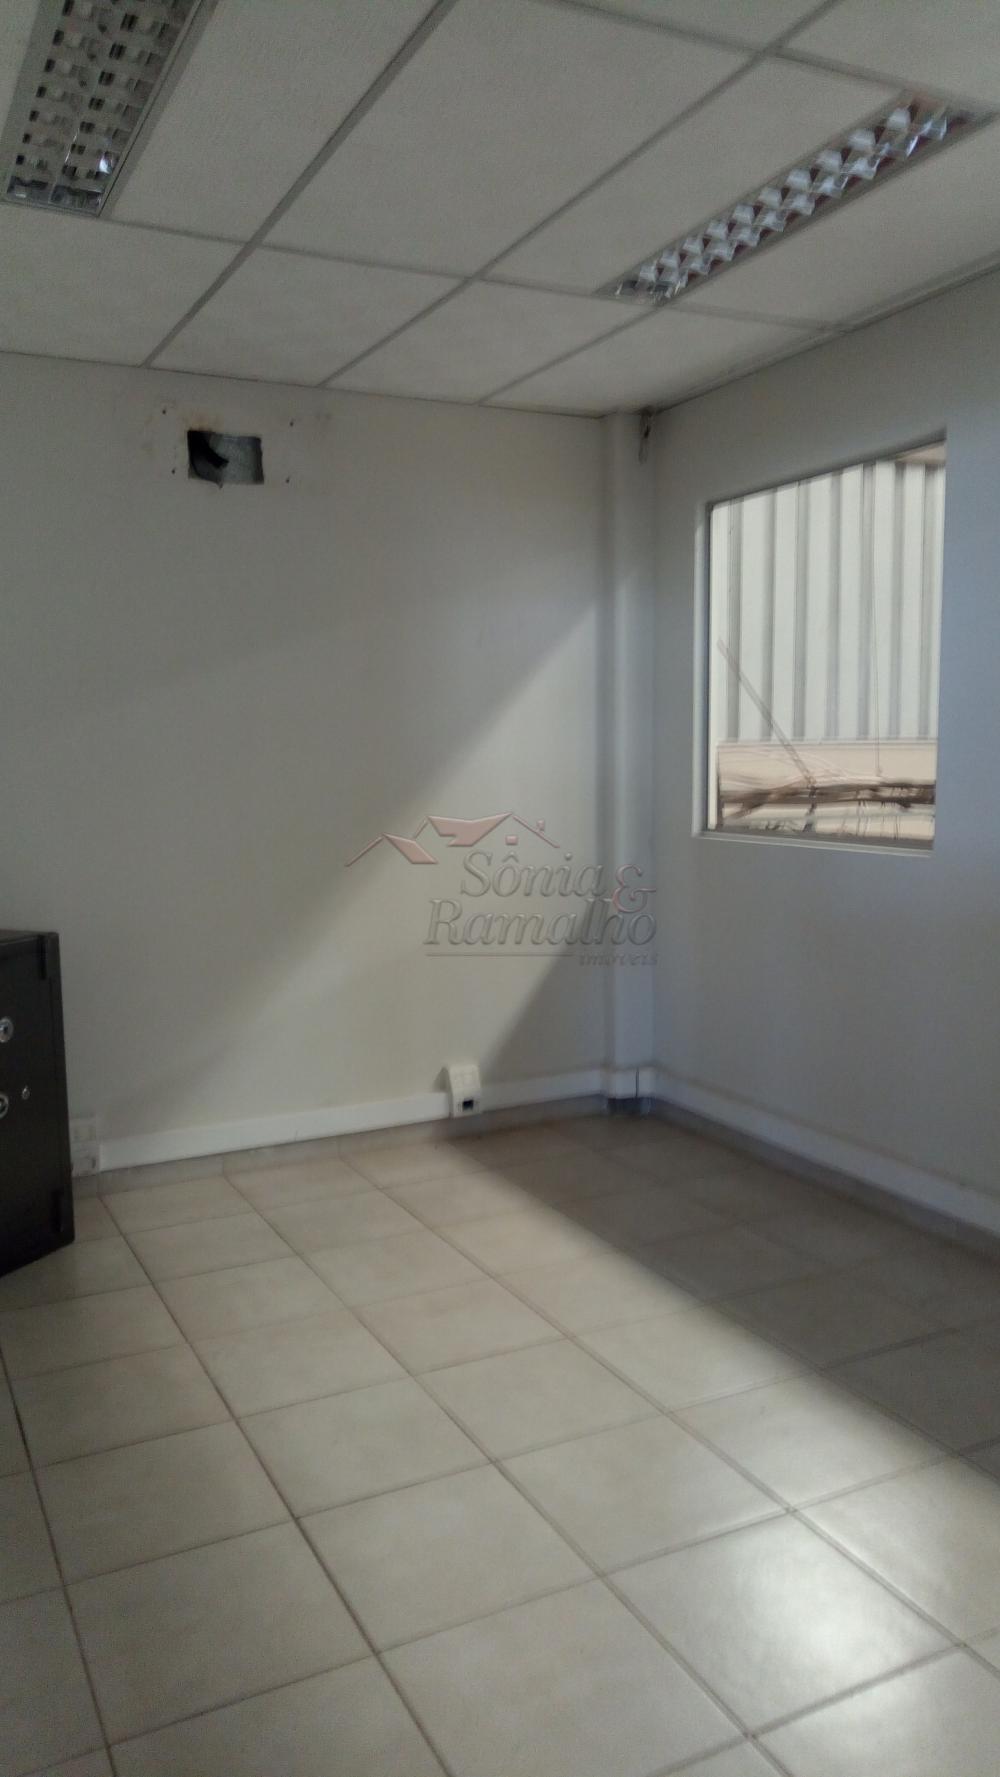 Alugar Comercial / Galpao / Barracao em Ribeirão Preto apenas R$ 70.000,00 - Foto 29